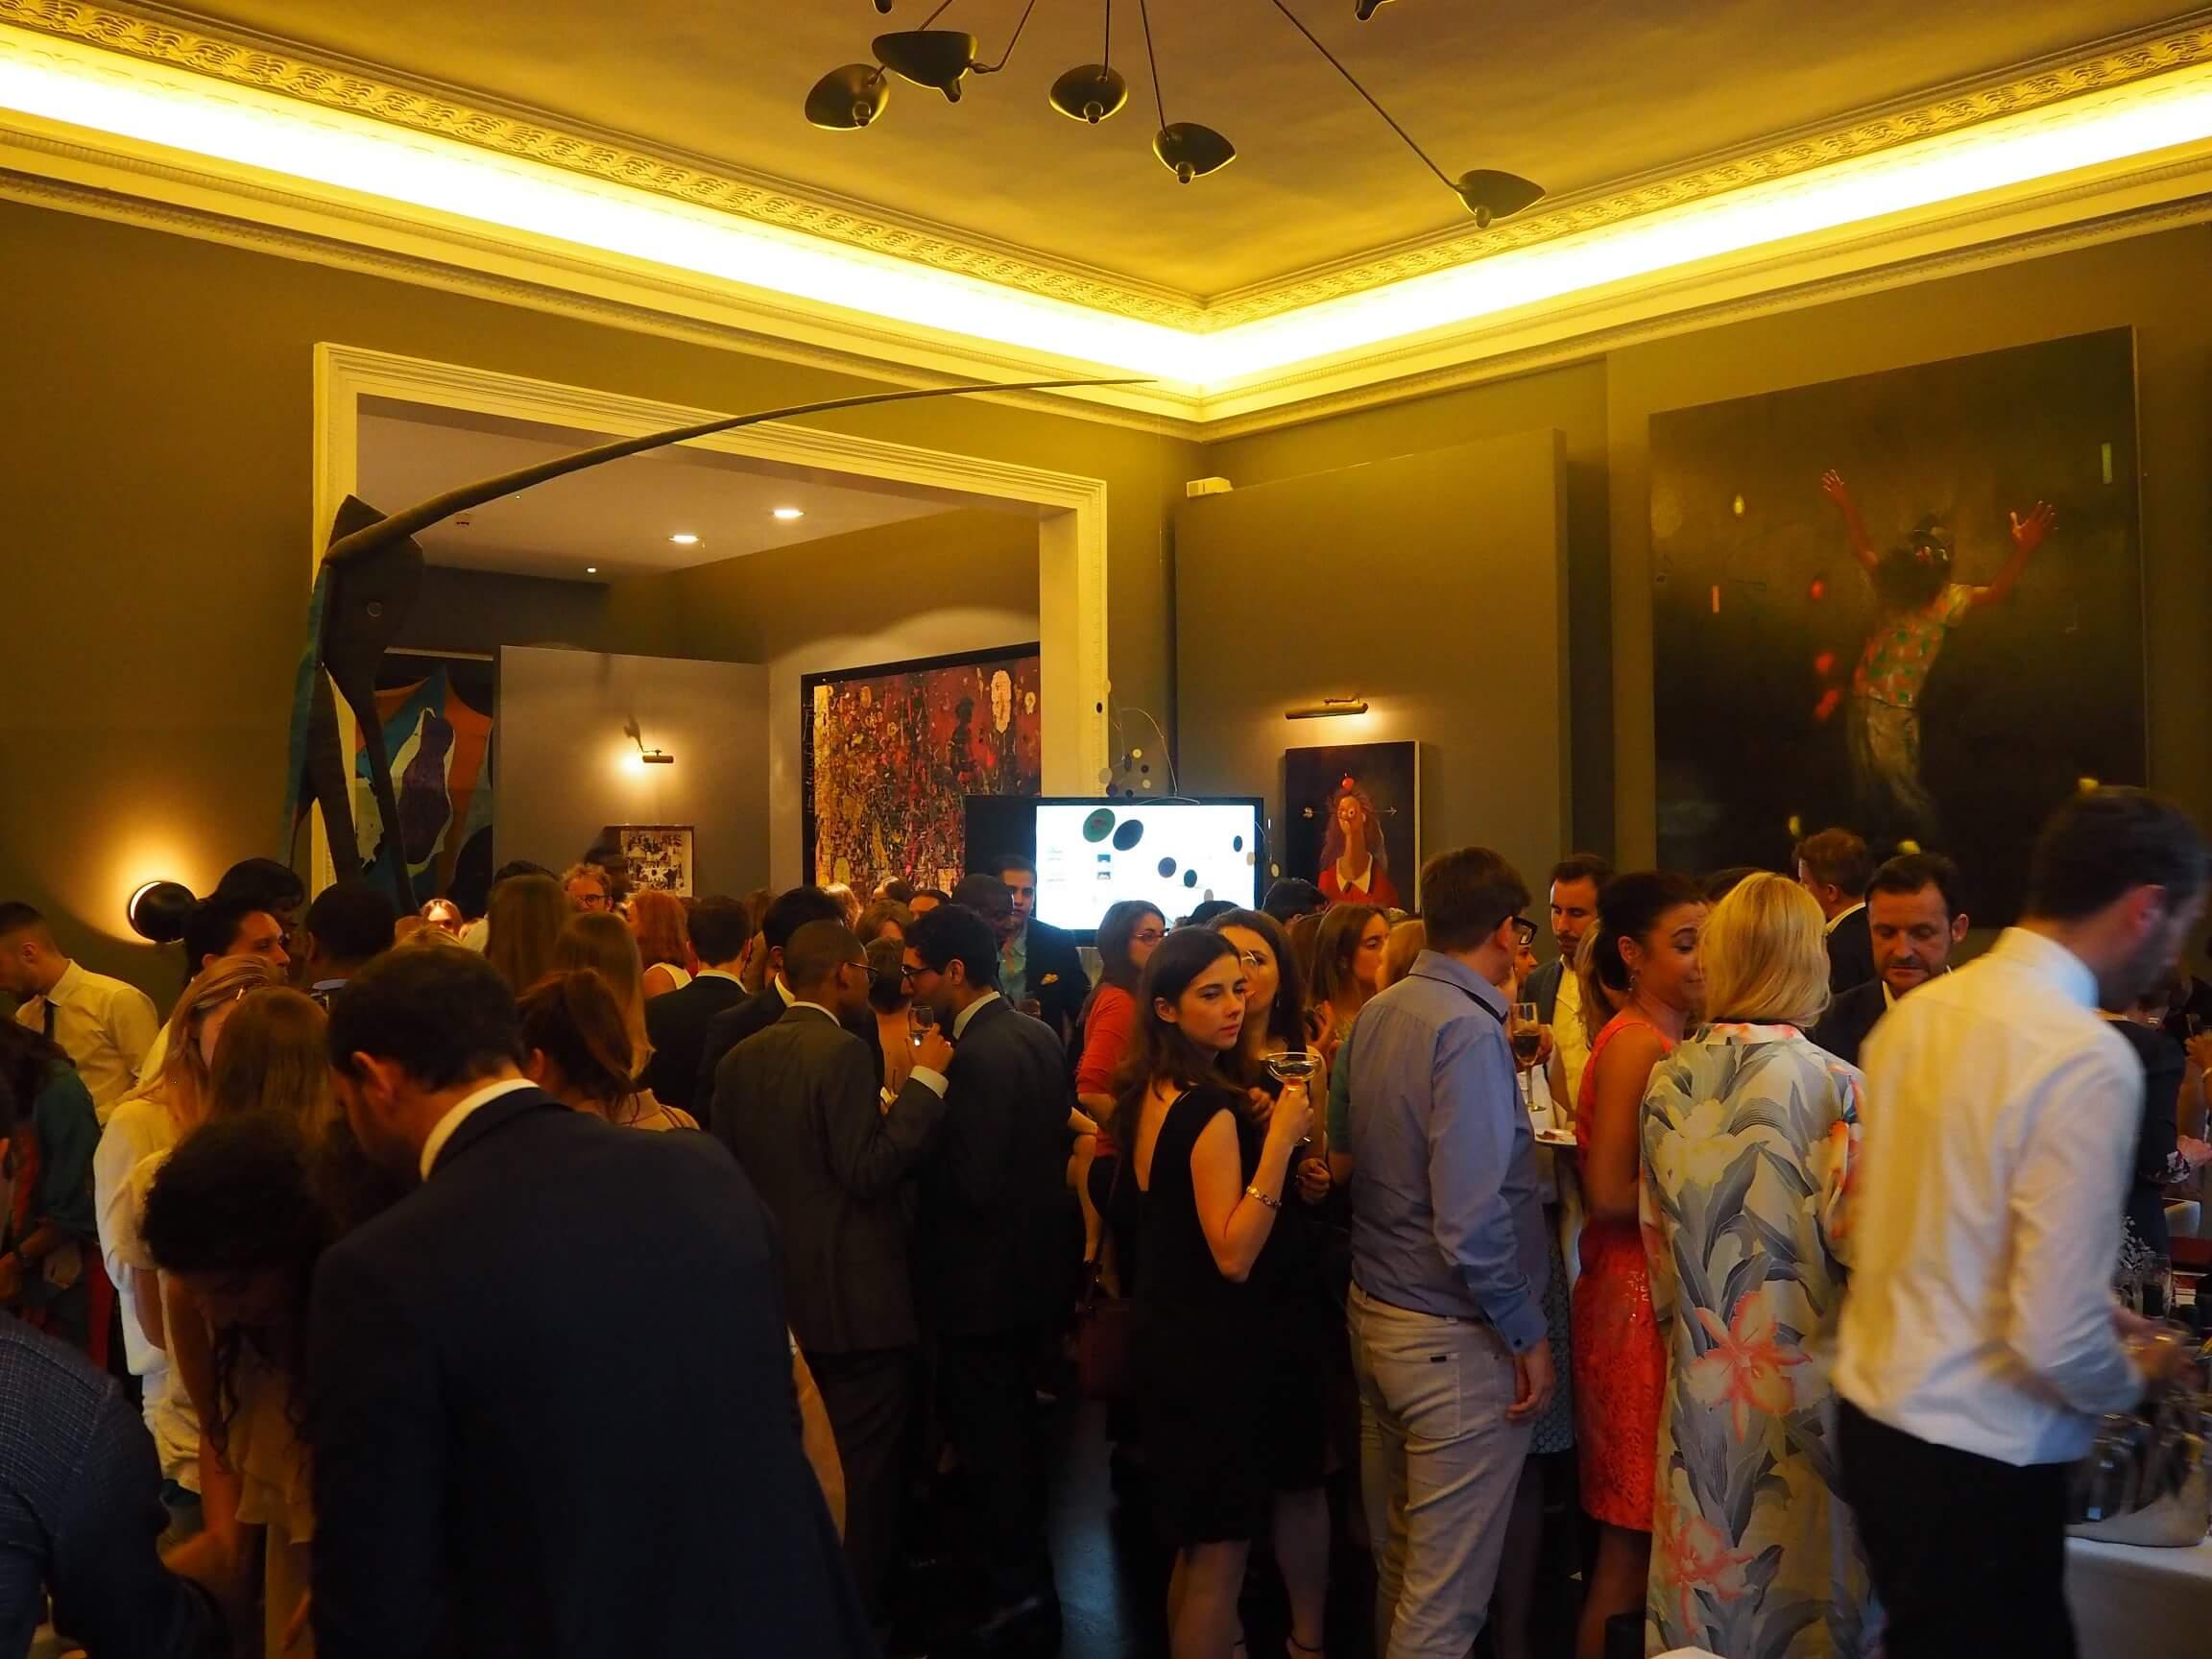 Inmobiliaria de lujo en Barcelona. Presentaciones en Mortons Londres